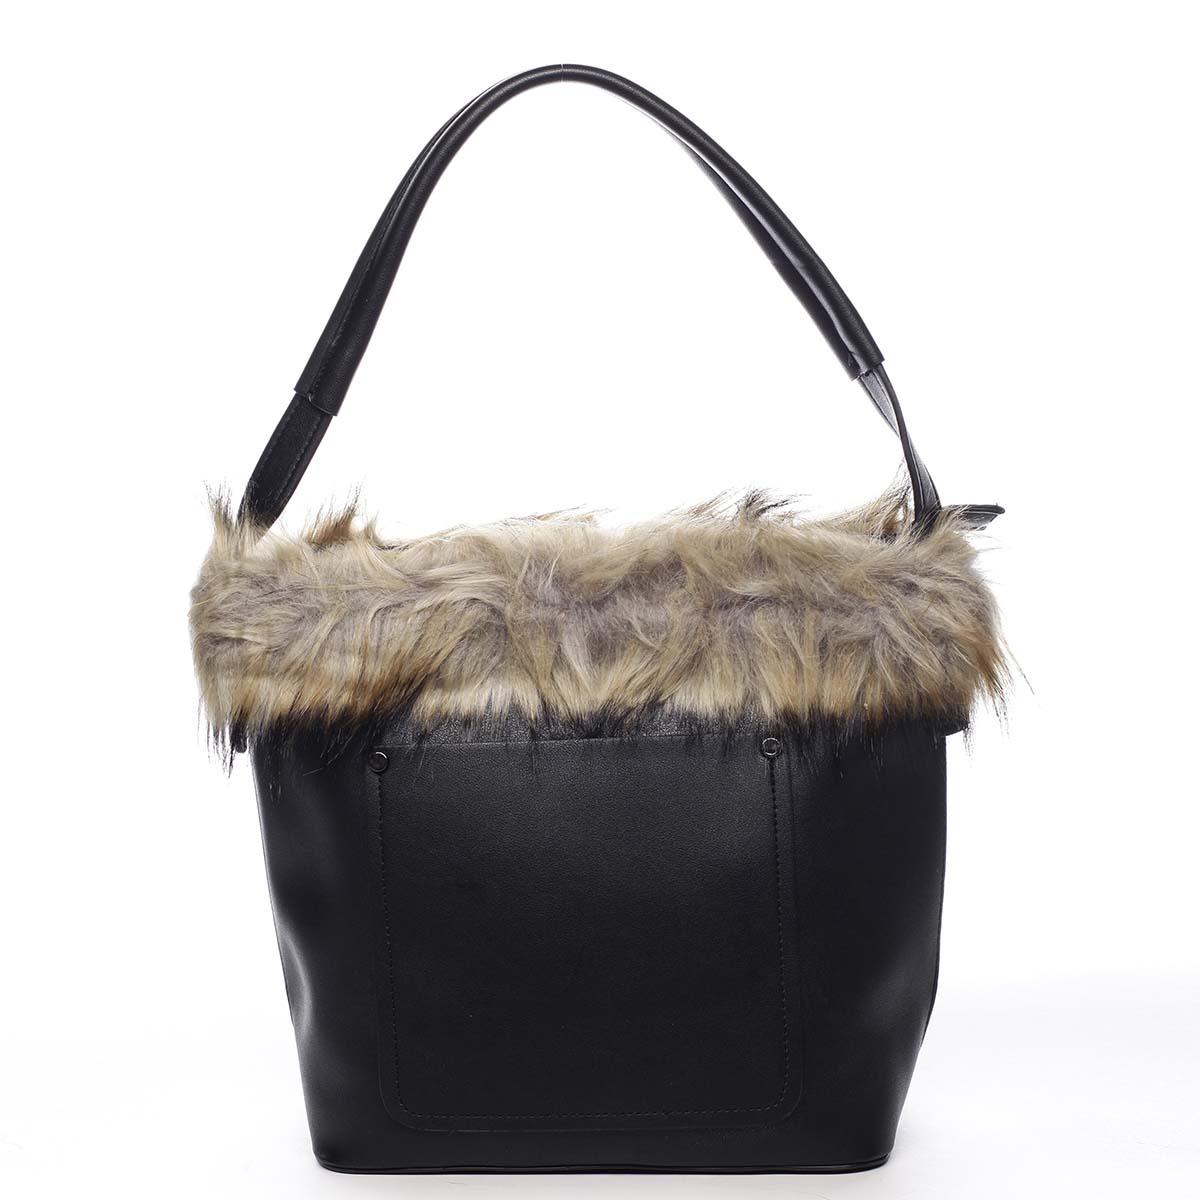 Dámska kabelka cez plece čierna - Maria C Triches čierna